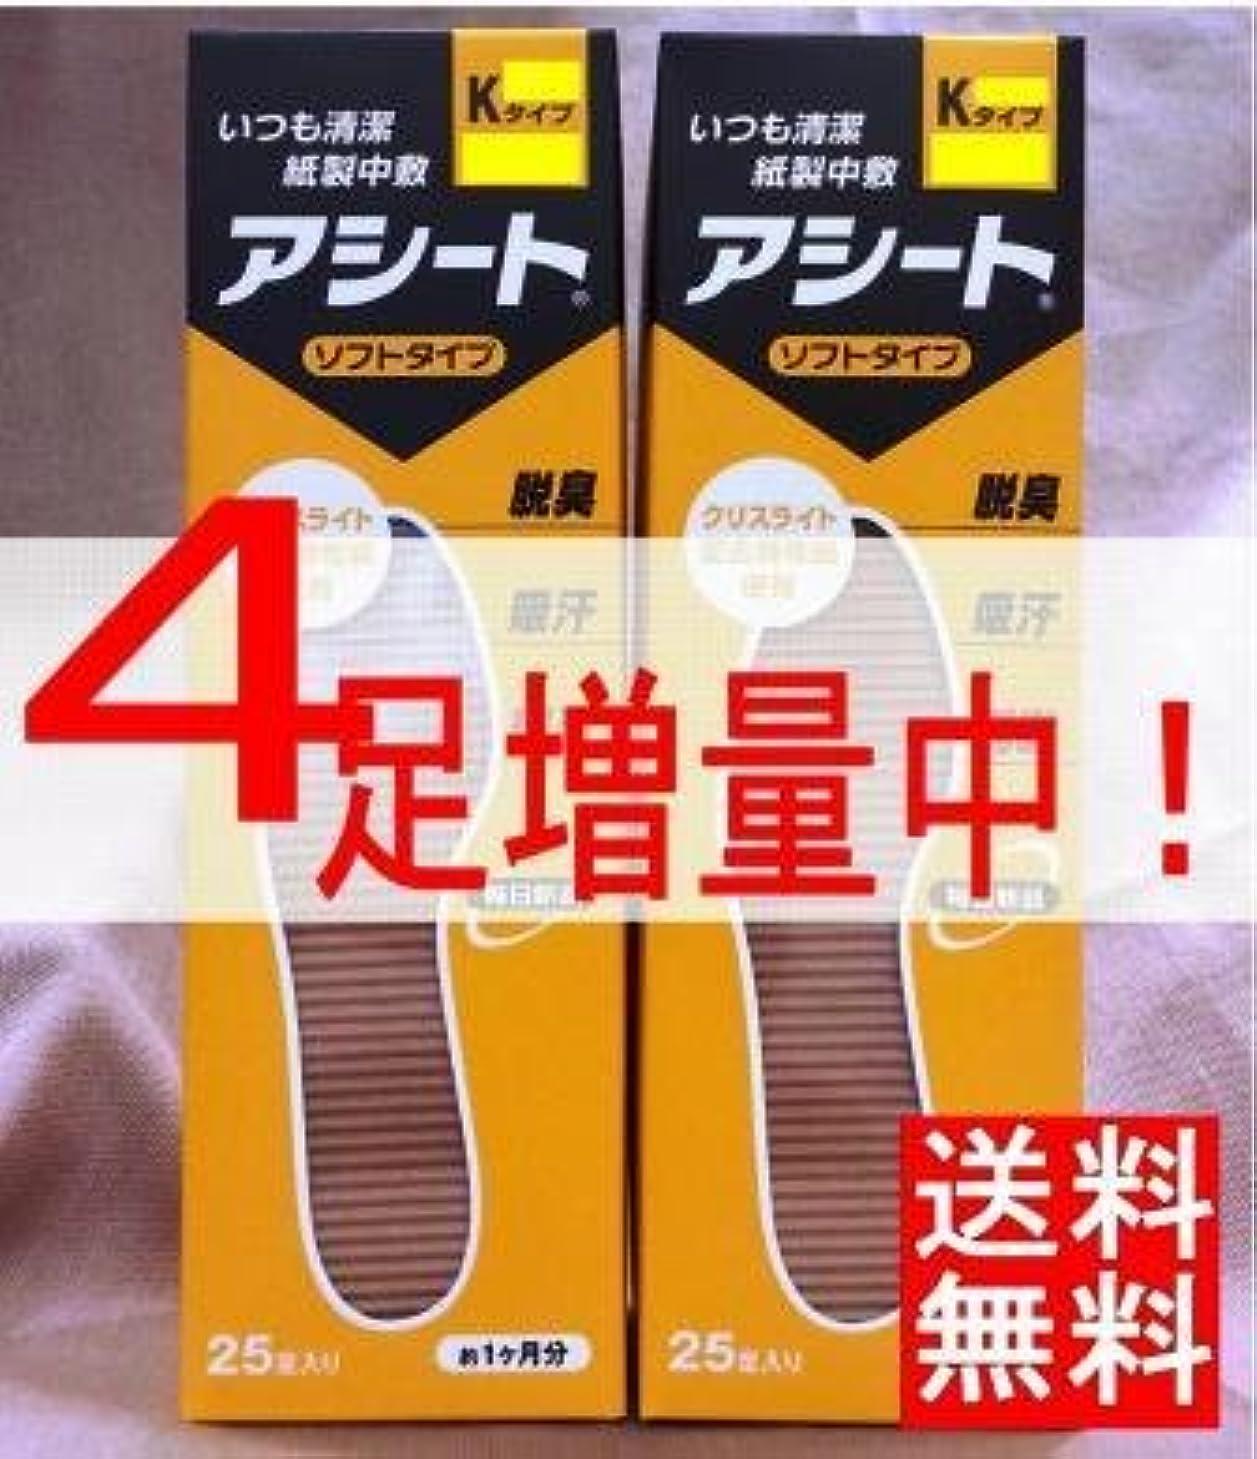 飾り羽ポジションアルバムアシートK(サイズ27cm)×2箱セット(4足増量中)